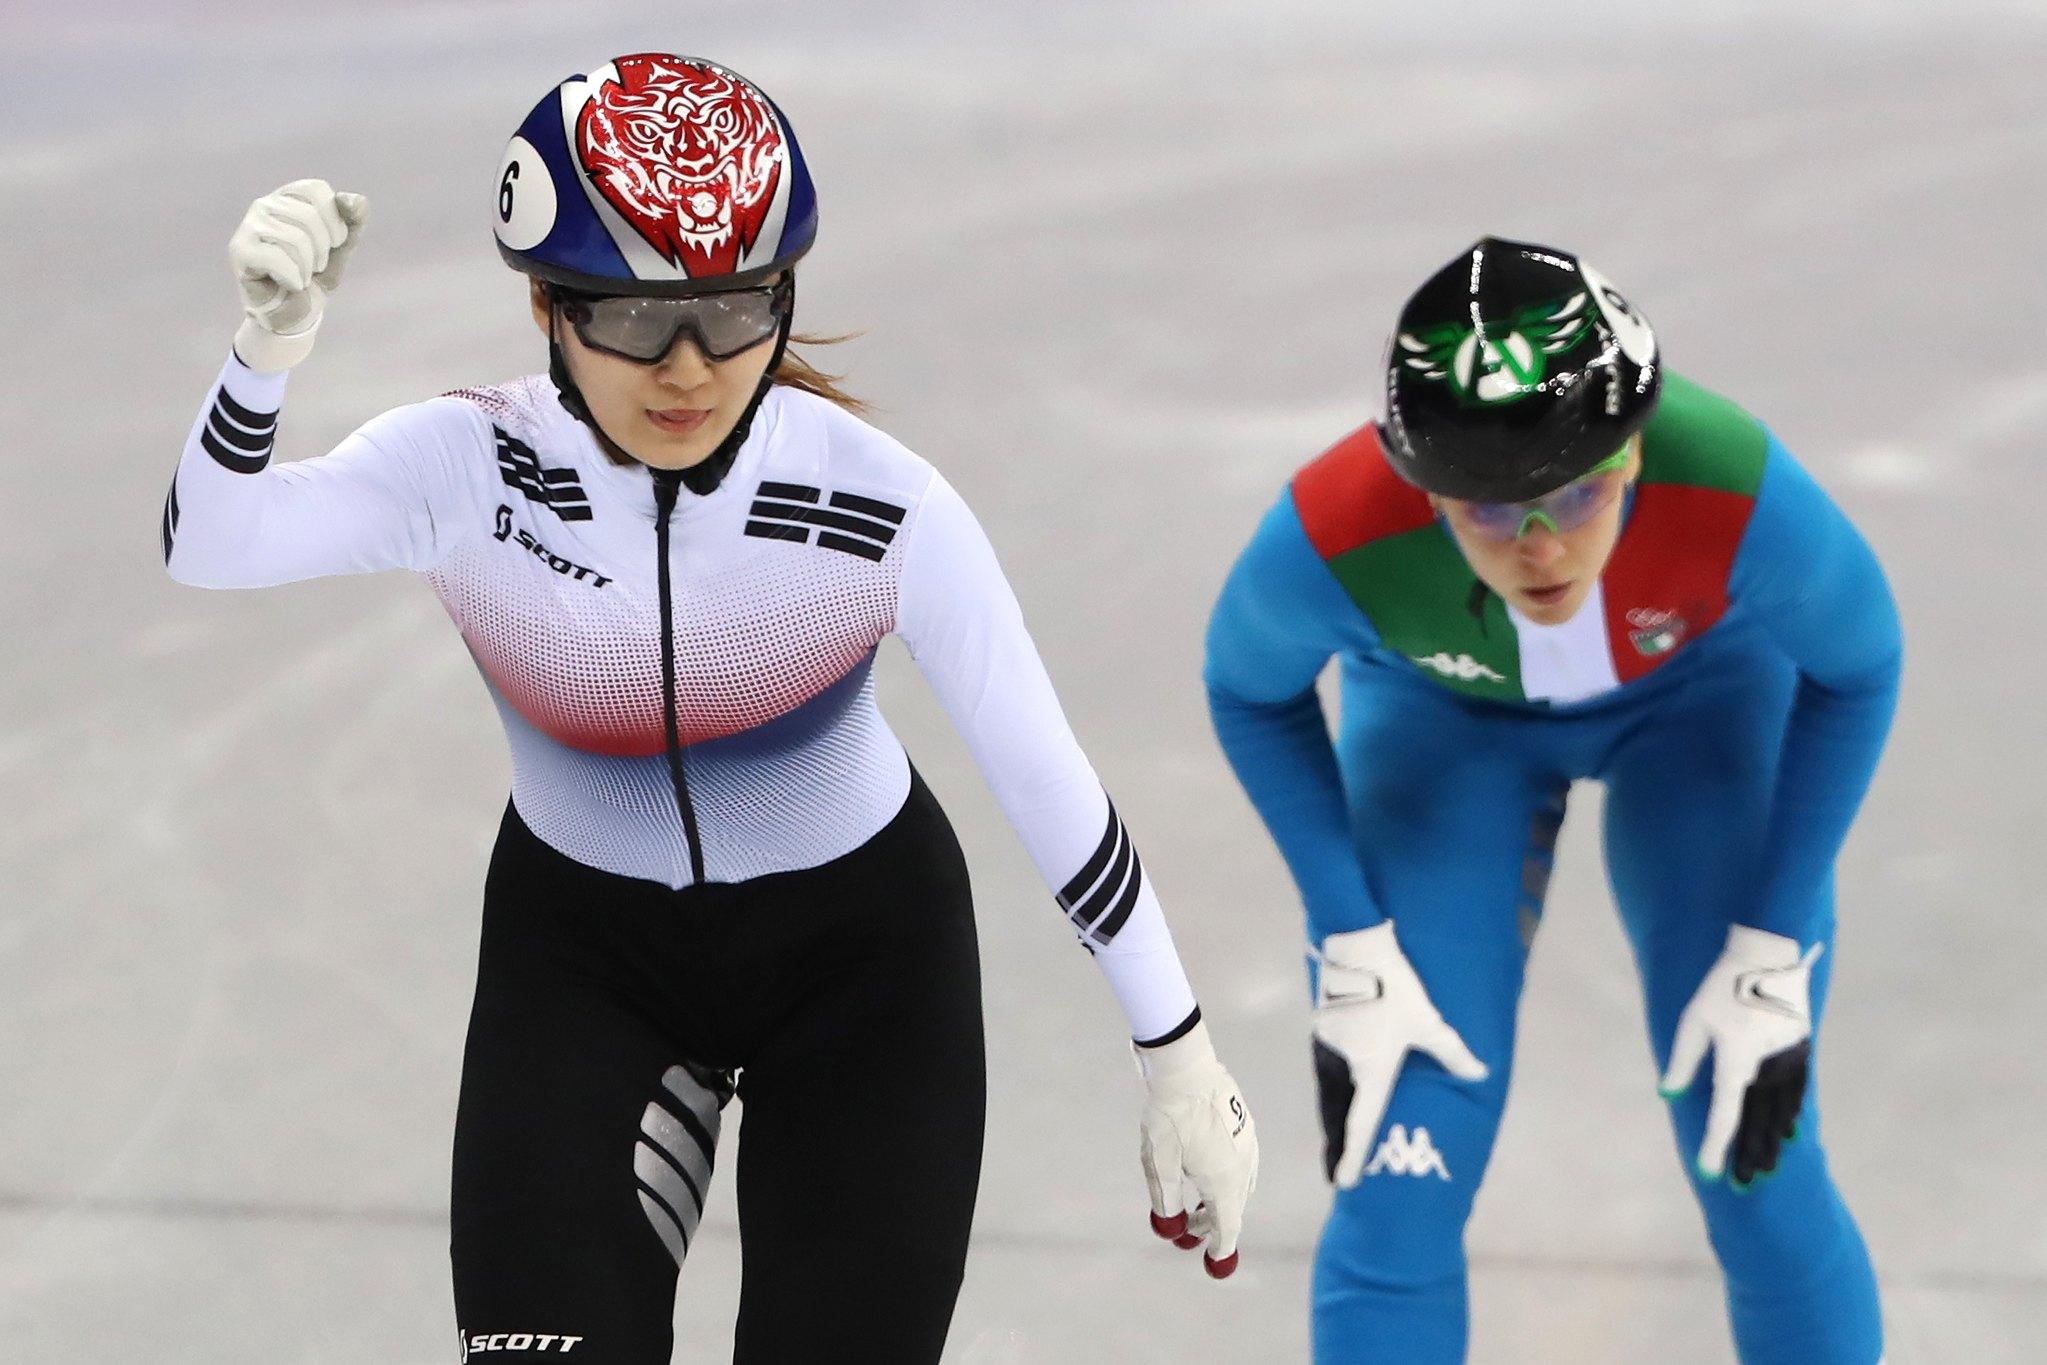 최민정이 13일 오후 강원도 강릉 아이스아레나에서 열린 2018 평창올림픽 쇼트트랙 스피드 스케이팅 여자 500m 준결승 1조 경기에서 1위로 결승선을 통과하고 주먹을 불끈 쥐고 있다. [뉴스1]